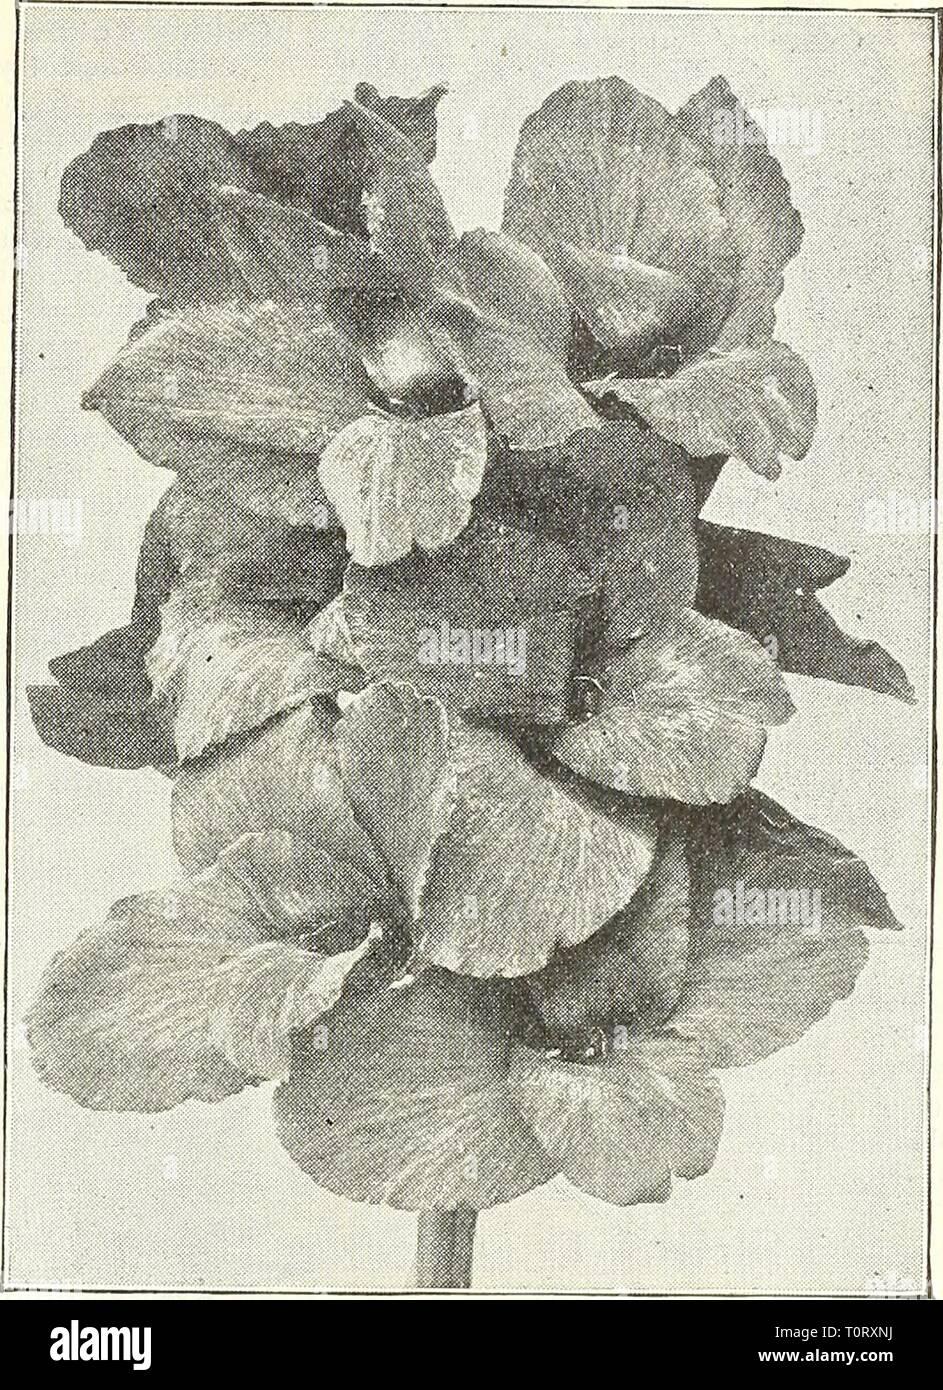 Dreer's garden prenota 1904 Dreer's garden prenota : 1904 dreersgardenbook1904henr Anno: 1904 [WADRffiR -PHIIADELPHIAMmGARDEN^-OREENHOUSf PlAhU H i-i dieci nuovi CANNAS di meriti speciali. Di seguito sono riportate le iiUroductions del 1902 e 1903, e hanno avuto una prova accurata con noi. Abbiamo trovato tliem di meriti eccezionali e più desiderabile aggiunte a qualsiasi high-grade raccolta. Orand Duca Ludovico. I ricchi porpora di Carmine Di Marco- rali ; llowers molto grandi, petali frequentemente la misura 2j pollici attraverso ; ben arrotondati a capriate di immense dimensioni ; lavori bronzei di fogliame verde; 4^- piedi. .50 cts. Ogni; 15,00 per doz. Harry Immagini Stock